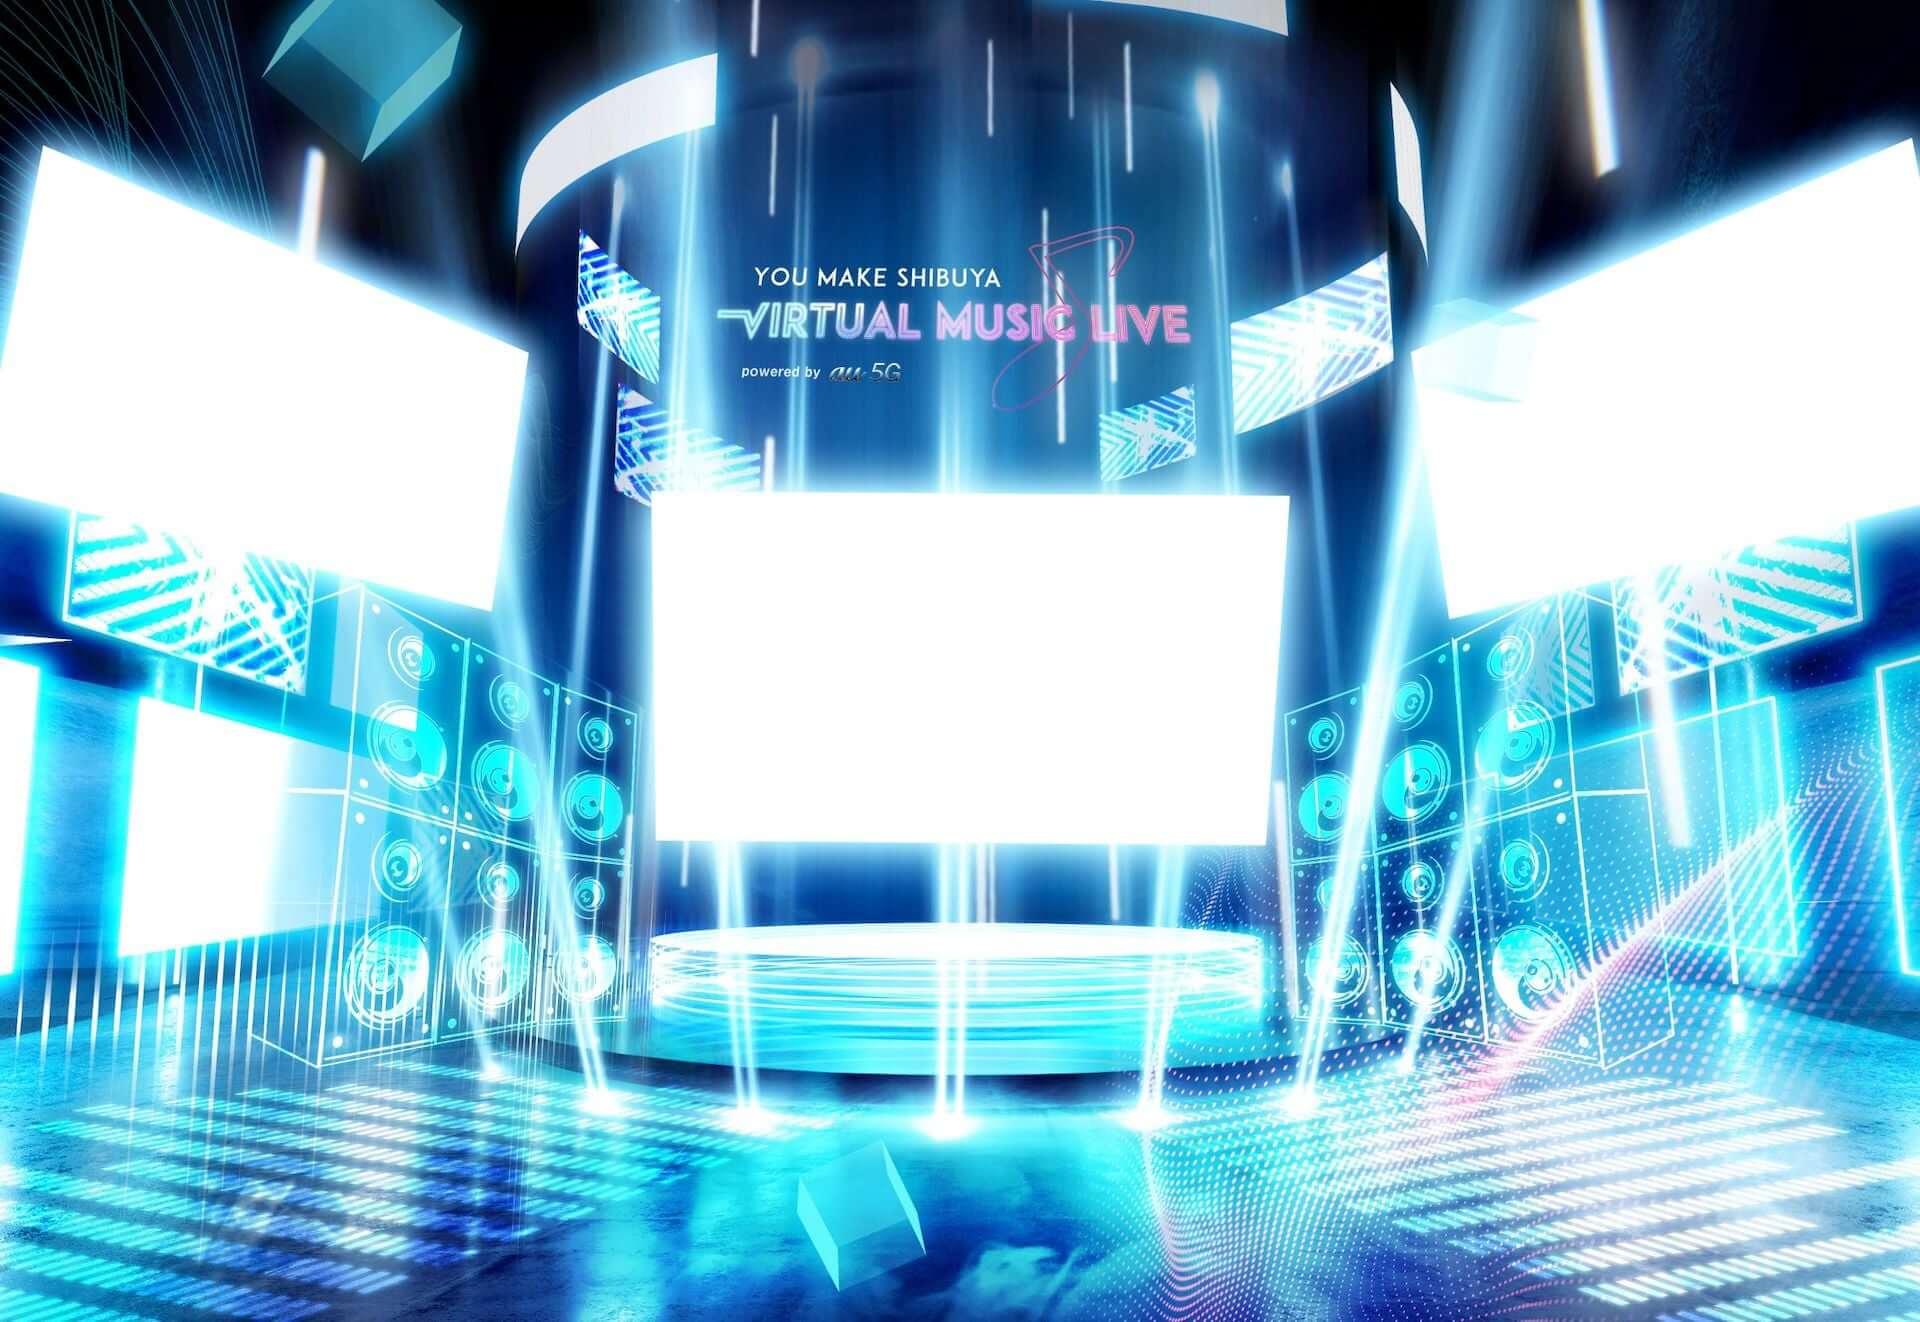 バーチャル渋谷にライブハウスが誕生!ザ・チャレンジ、Wez Atlas、sooogood!ら100組が出演するライブイベントが開催決定 music210326_virtualshibuya_6-1920x1322